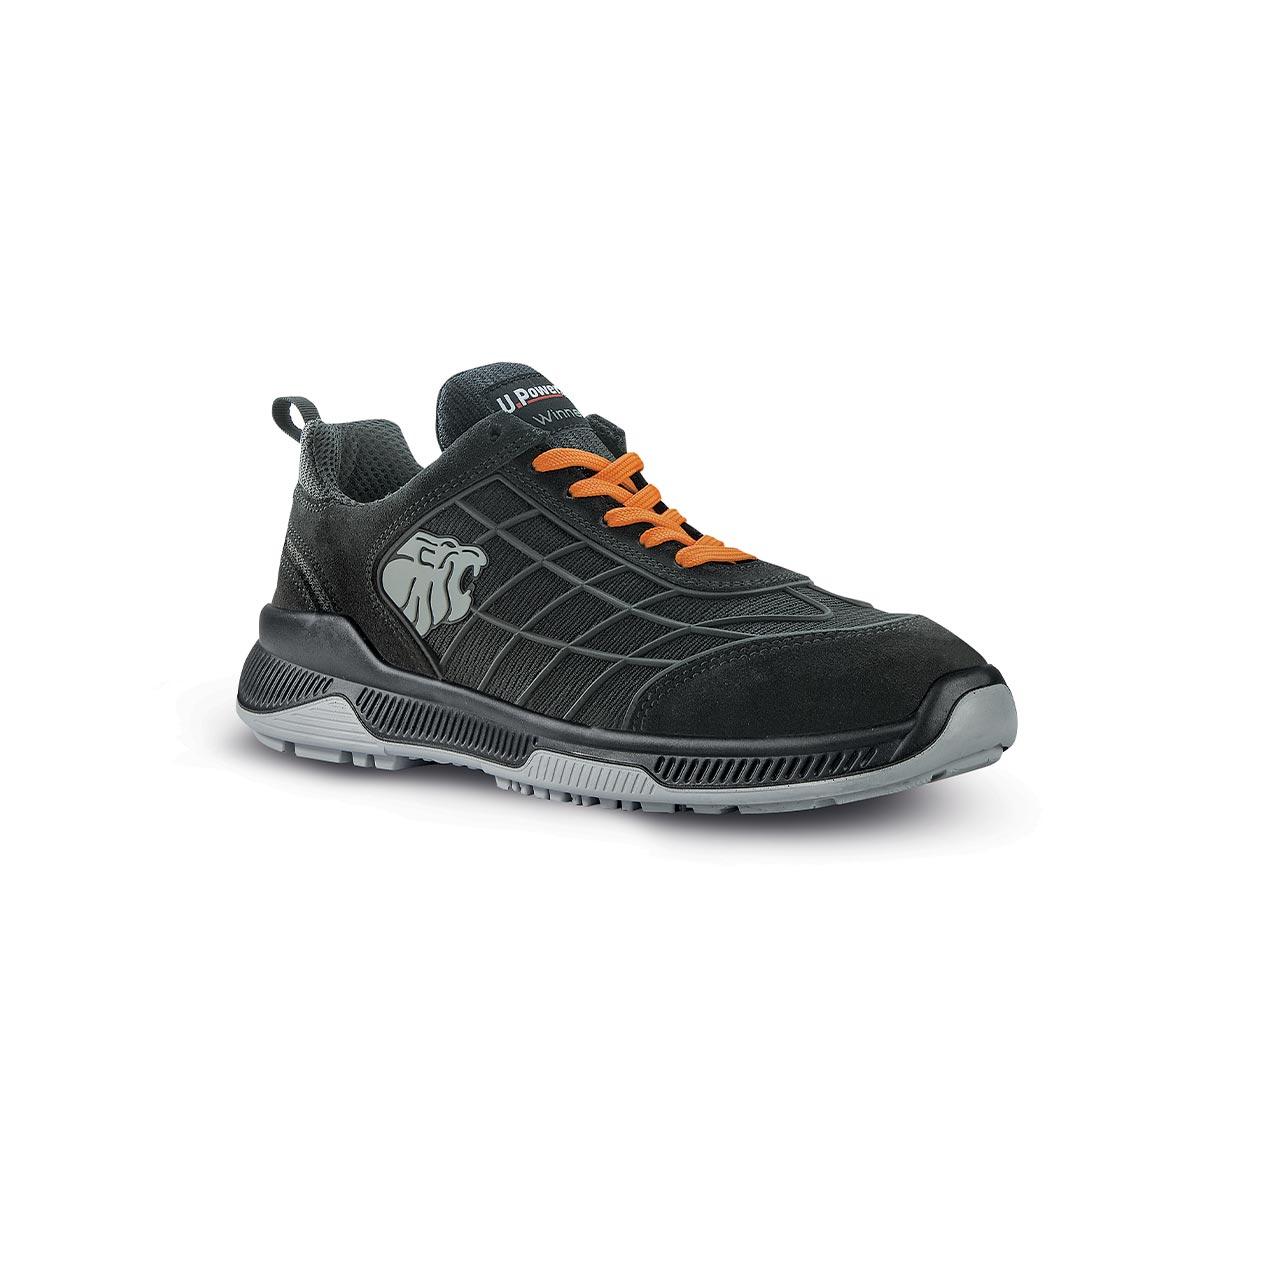 scarpa antinfortunistica upower modello match linea winner vista laterale